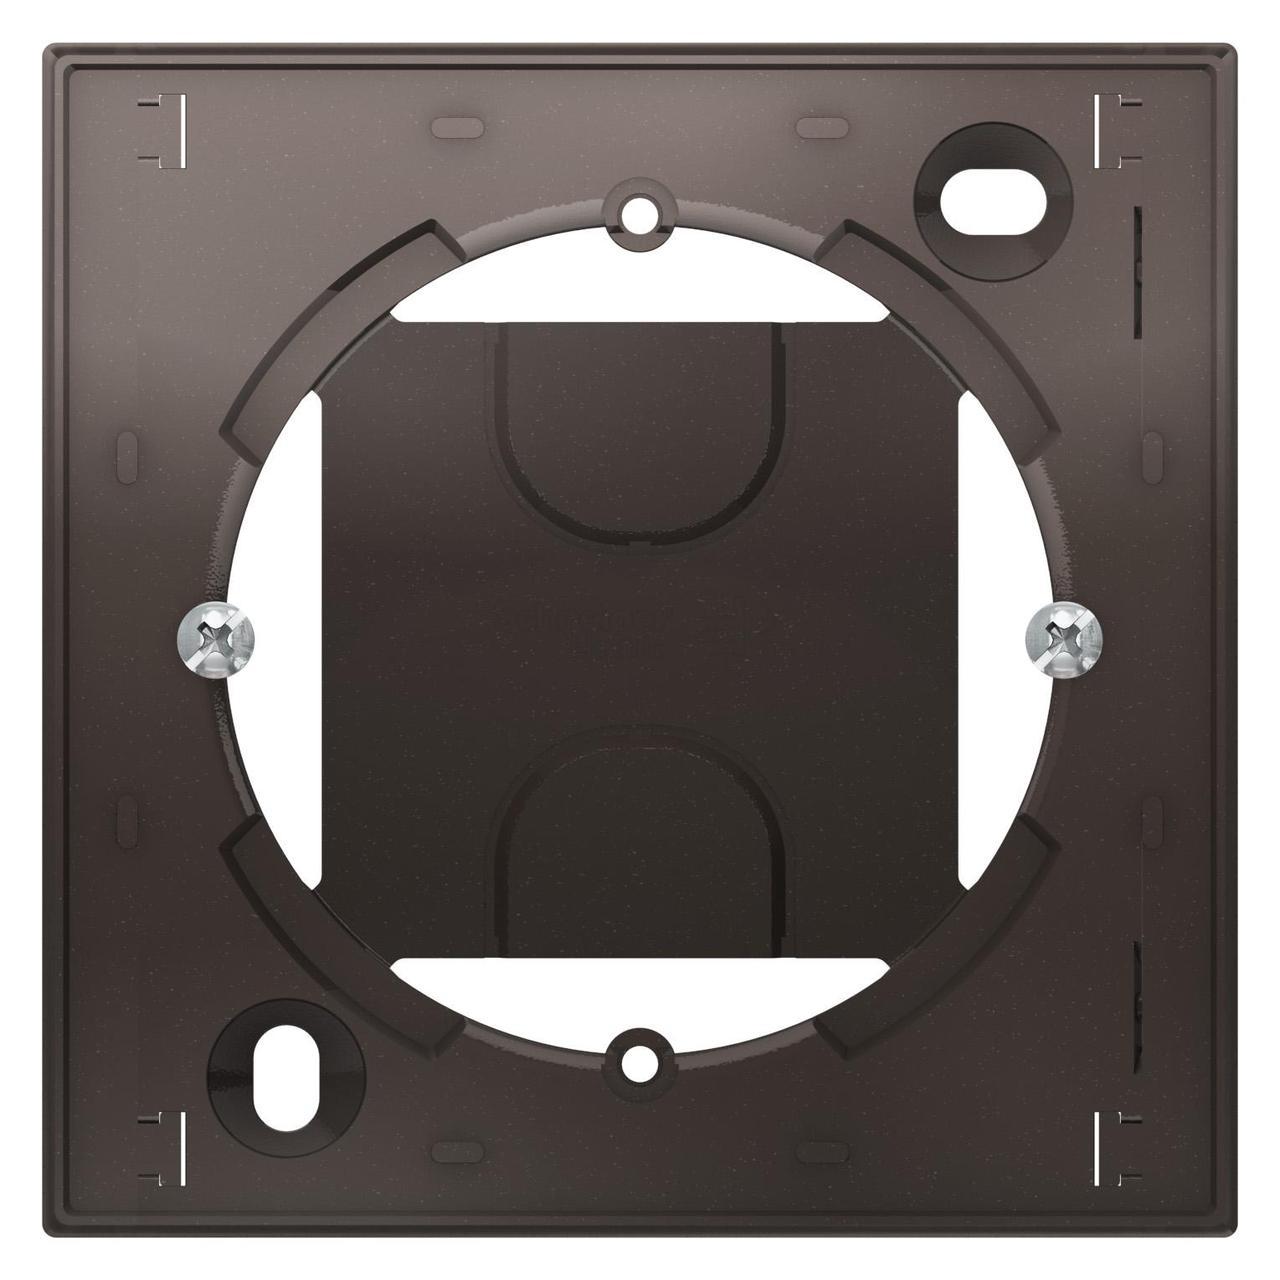 Рамка подъемная 1-ая , Мокко, серия Atlas Design, Schneider Electric